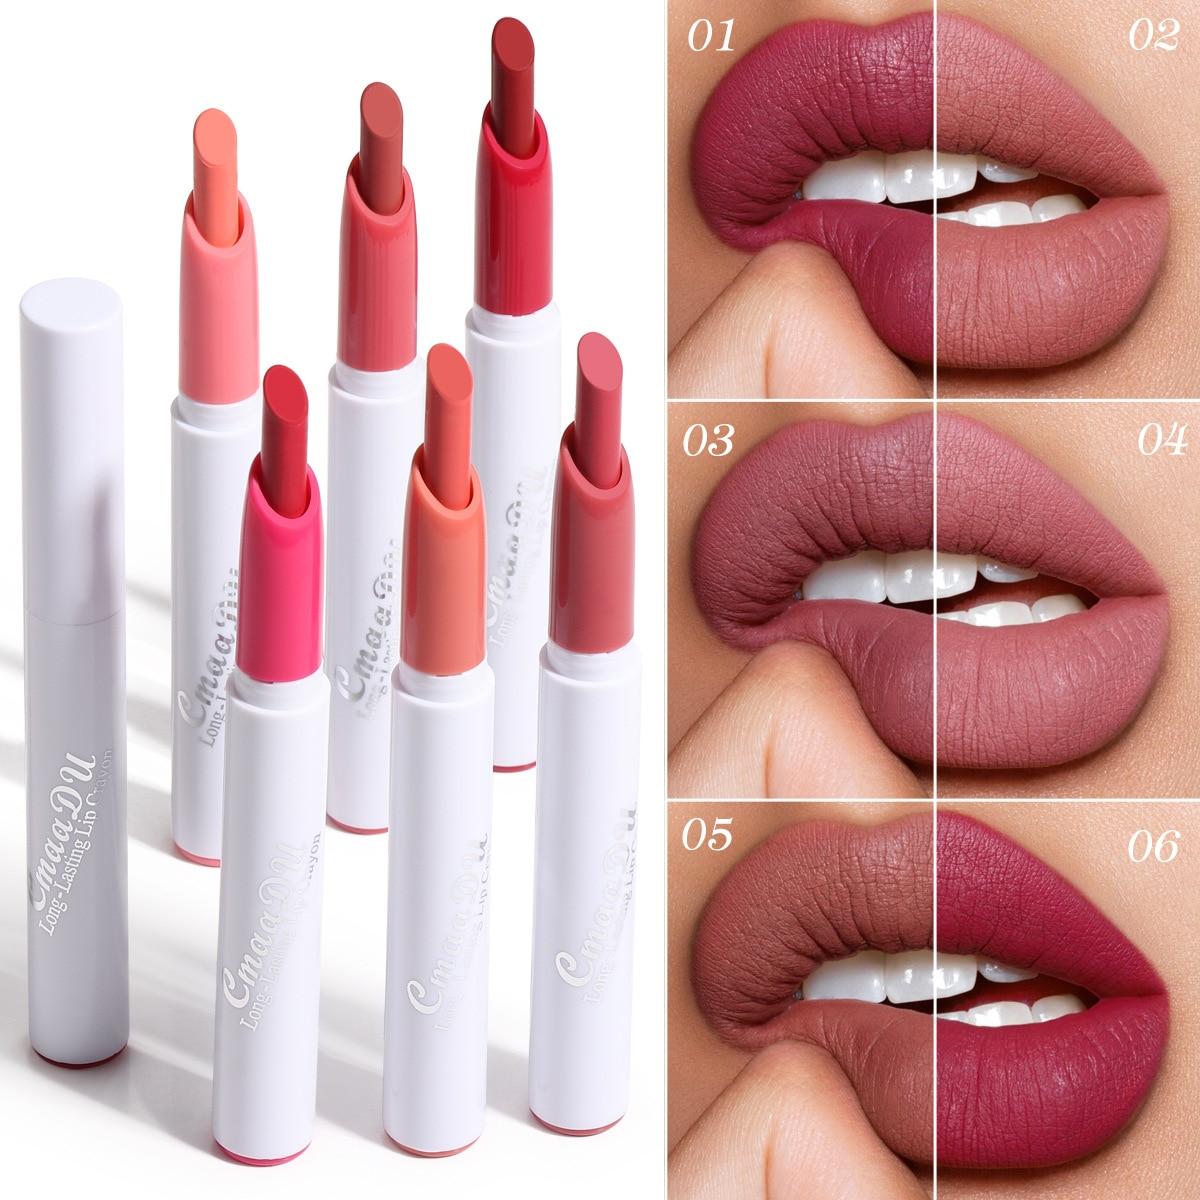 CmaaDu Lippenstift Stift Matte Lip Gloss Kosmetische Leichte Lip Glasur Lange Anhaltende Lippenstift Wasserdicht 6 Farbe Lippen Make-Up